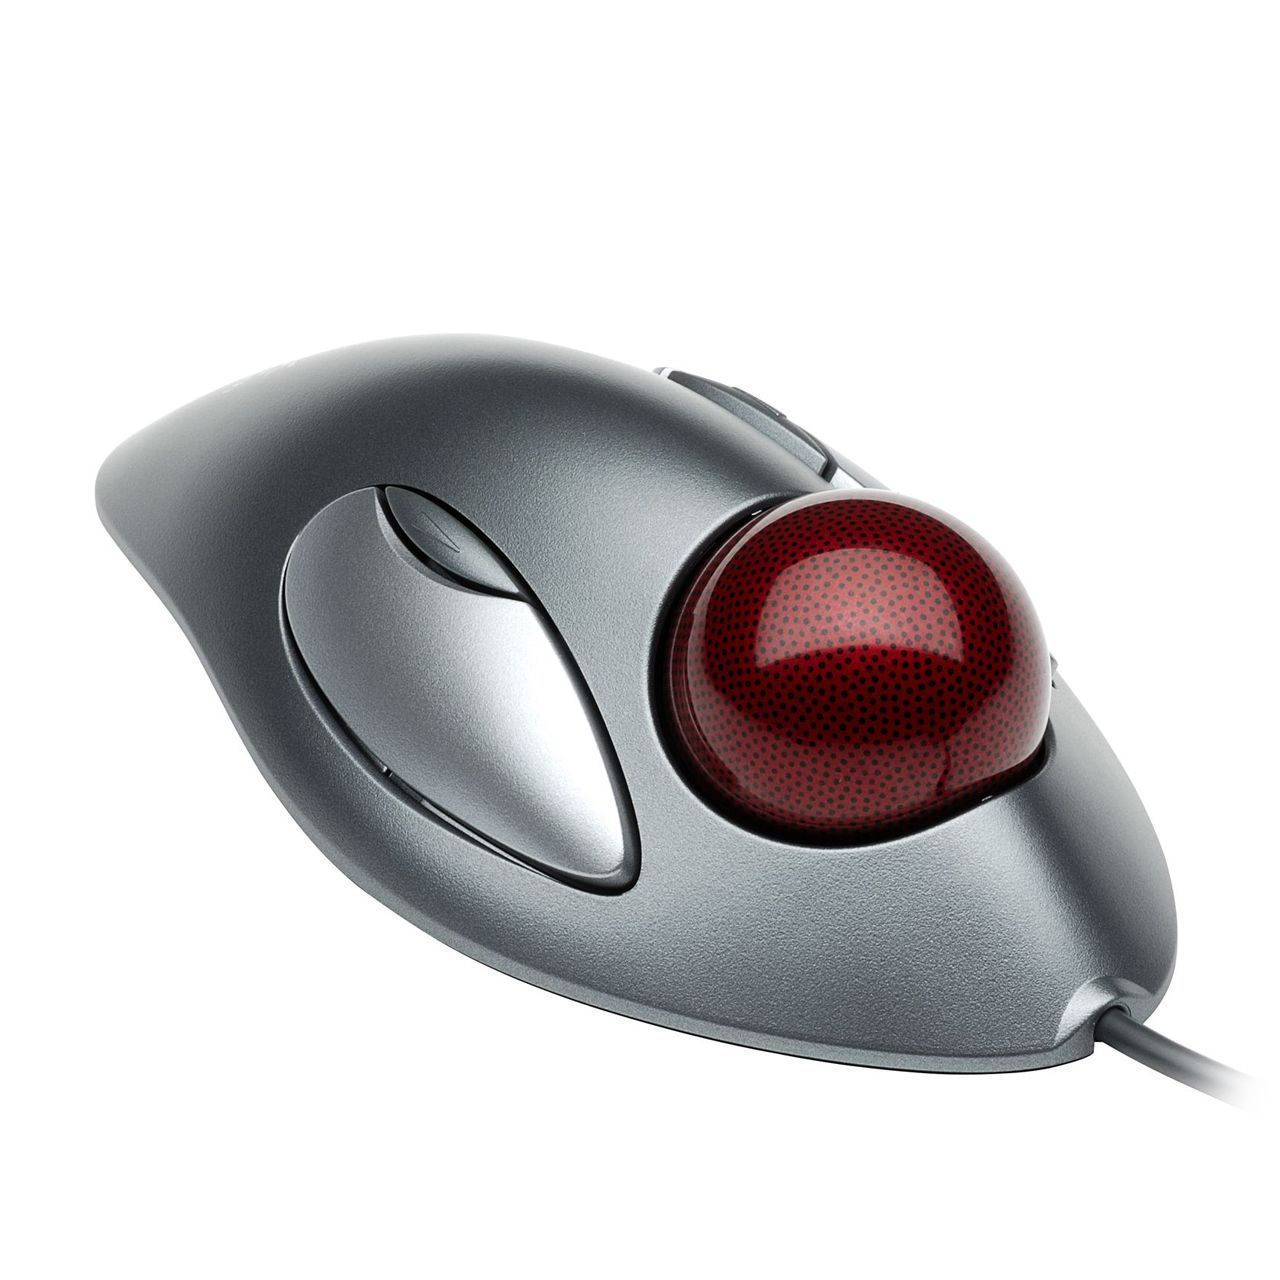 Logitech Marble Mouse ERKALOG117 voorkant links